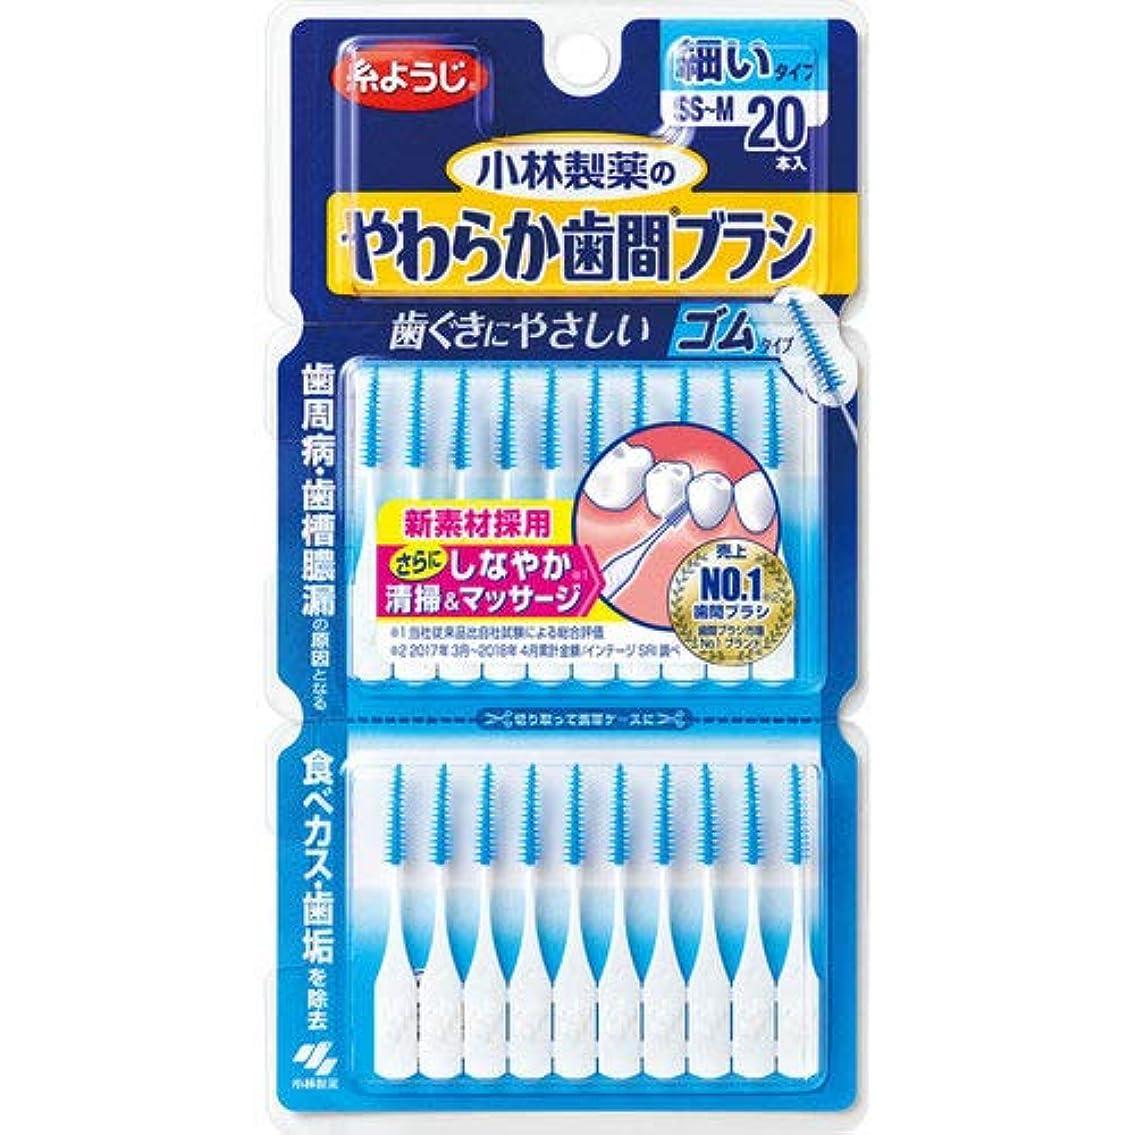 モック土器芸術Dental Dr.やわらか歯間ブラシ 20本